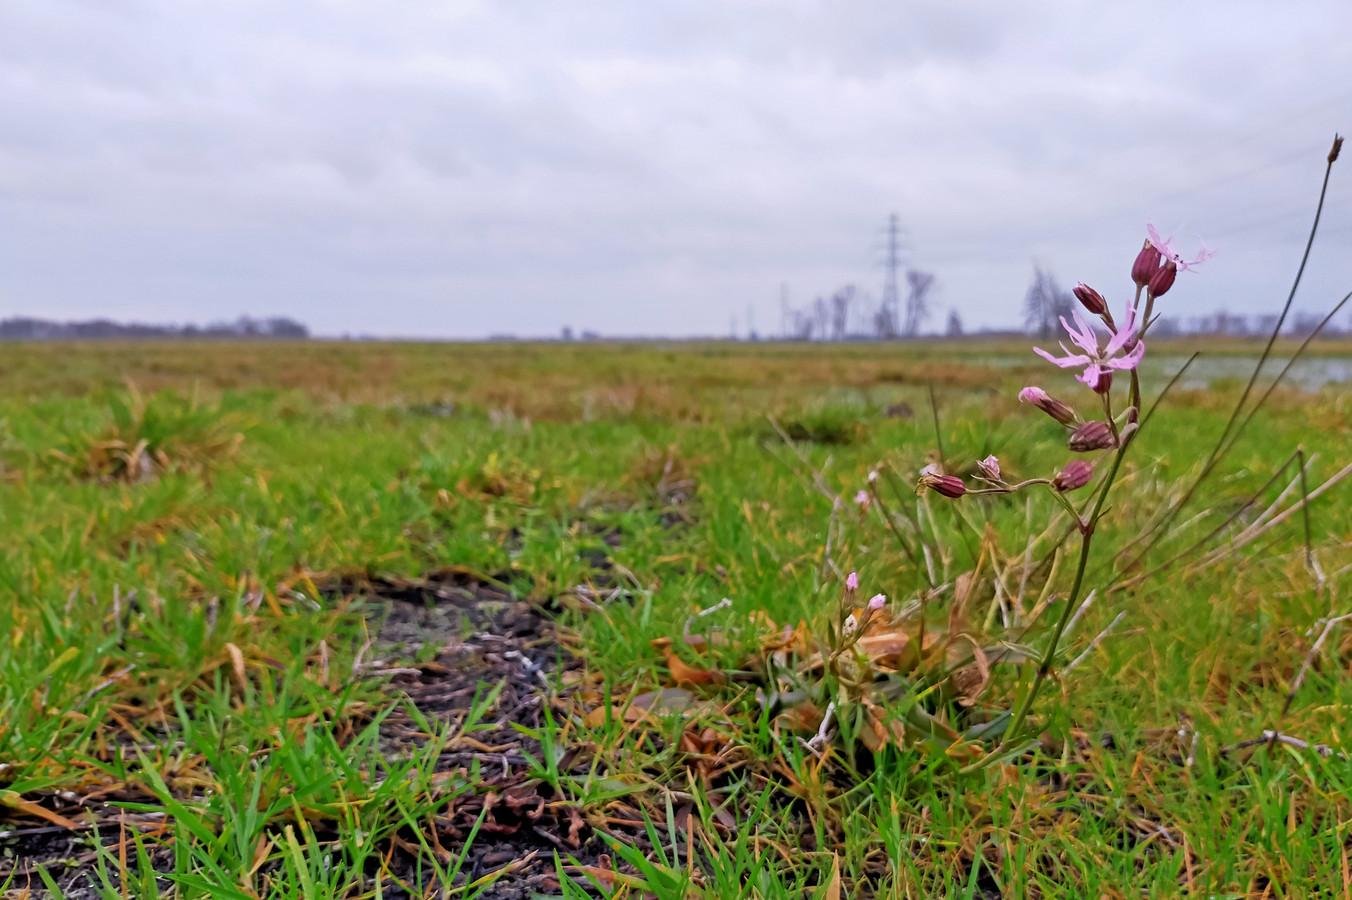 De echte koekoeksbloem bloeit tot diep in de winter in het Binnenveld.